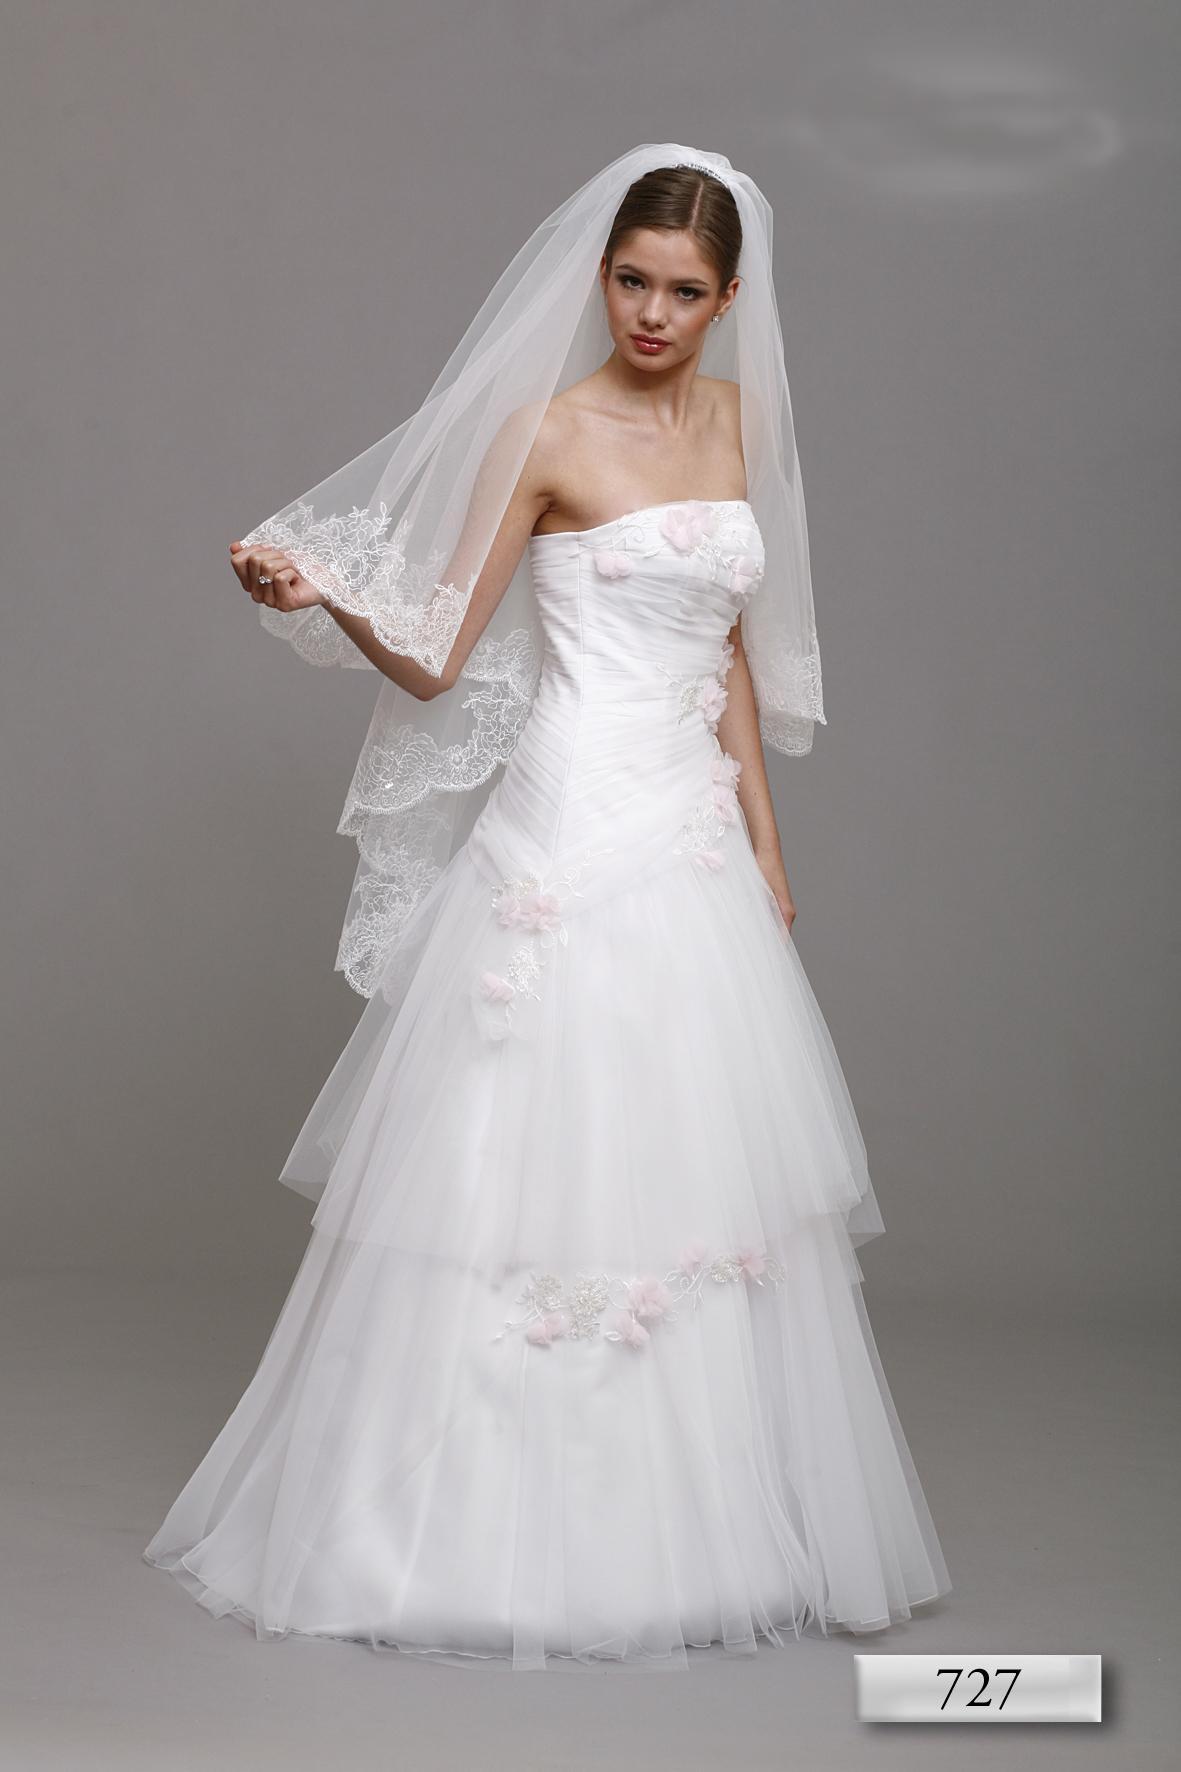 Brautkleid Hochzeitskleid 727